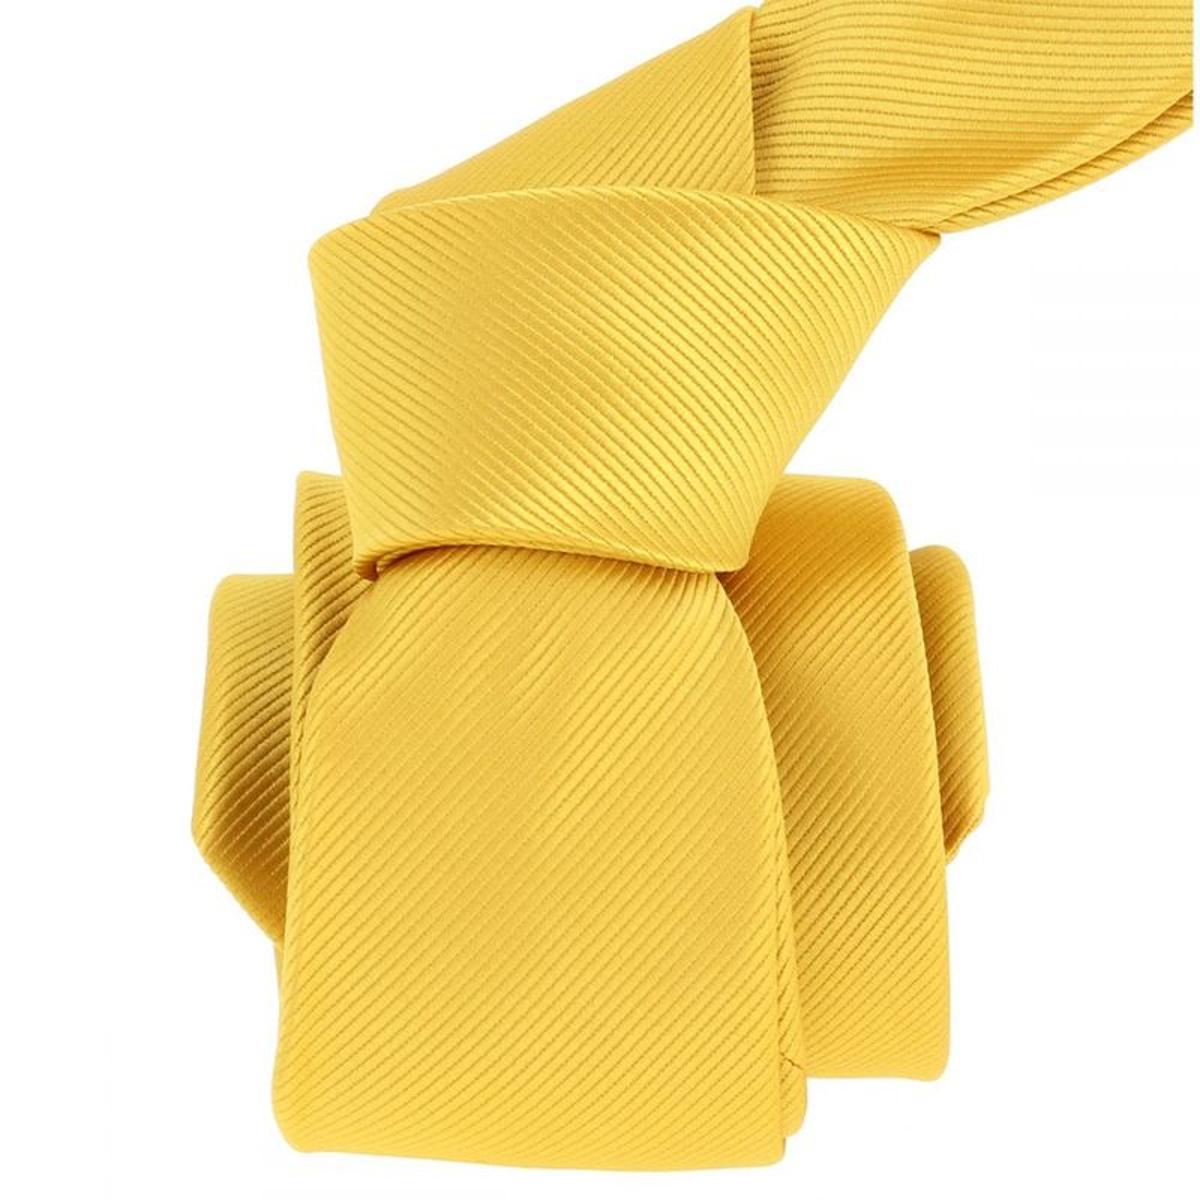 Cravate Jaune poussin. Microfibre Uni